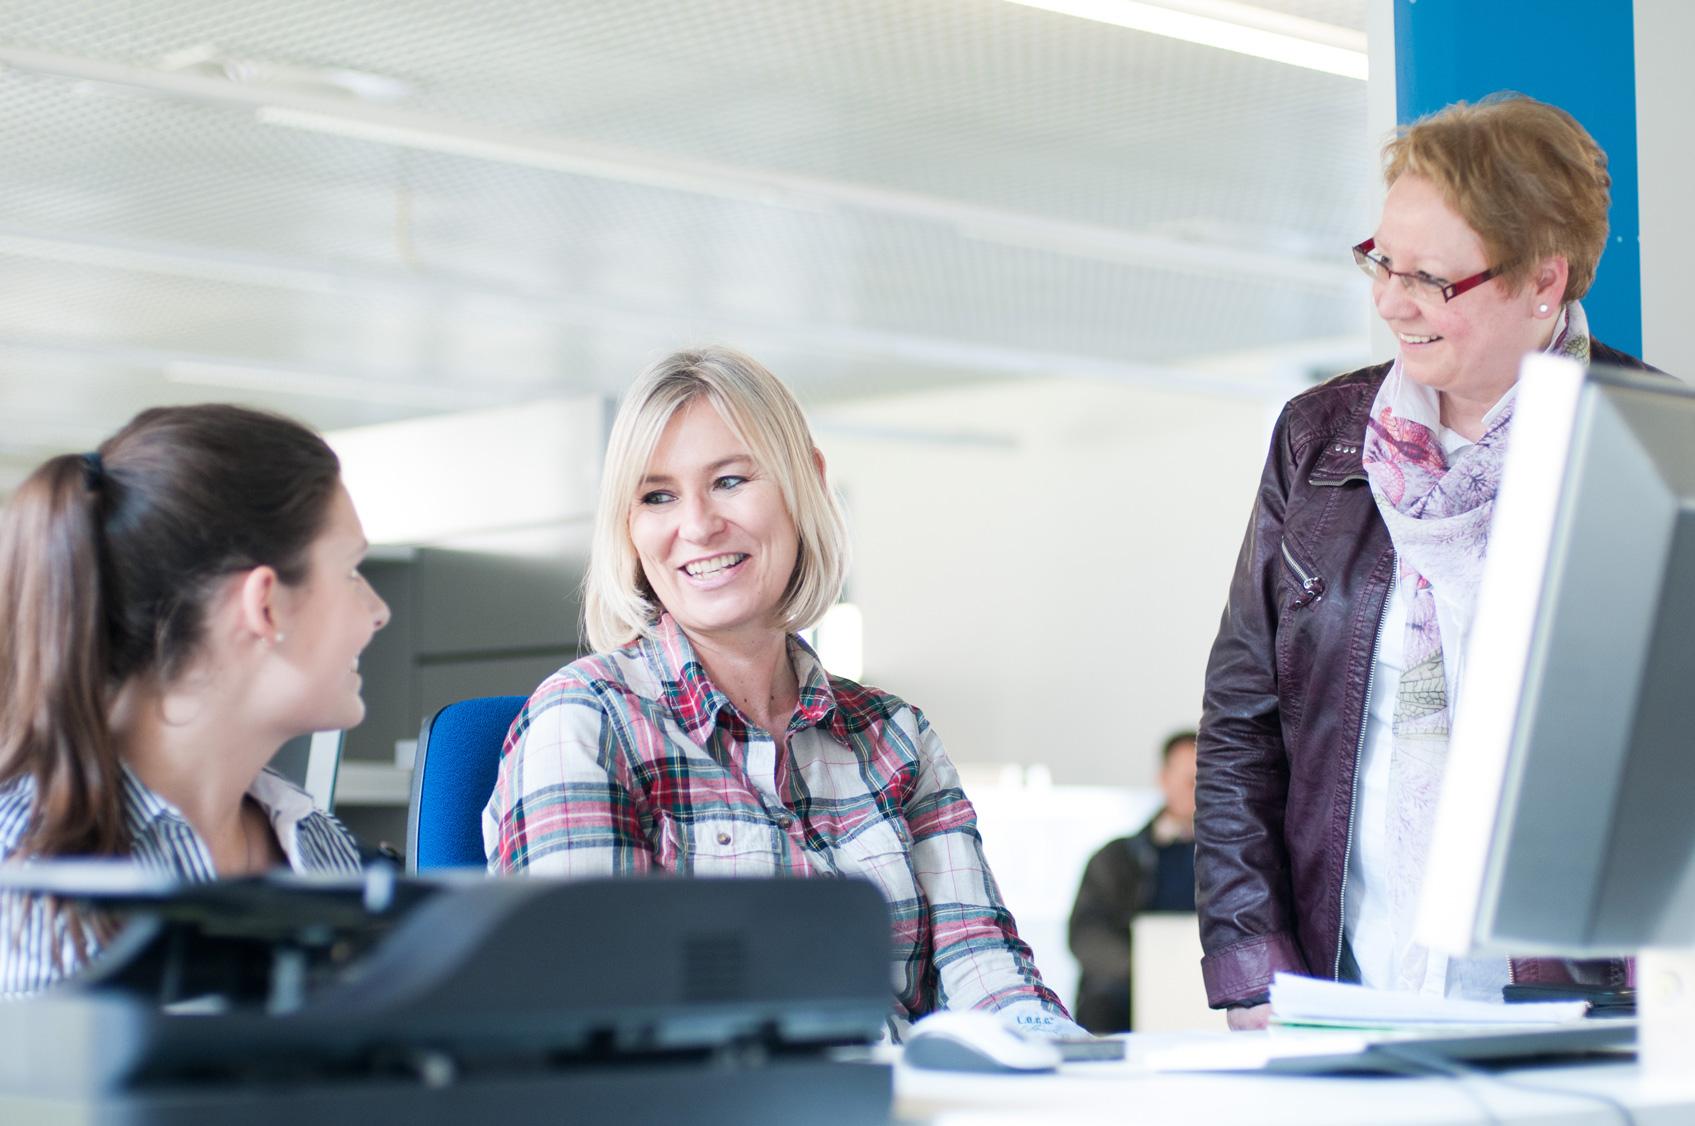 Online vorbereiten und persönlich profitieren - Das Online-Angebot der Agentur für Arbeit